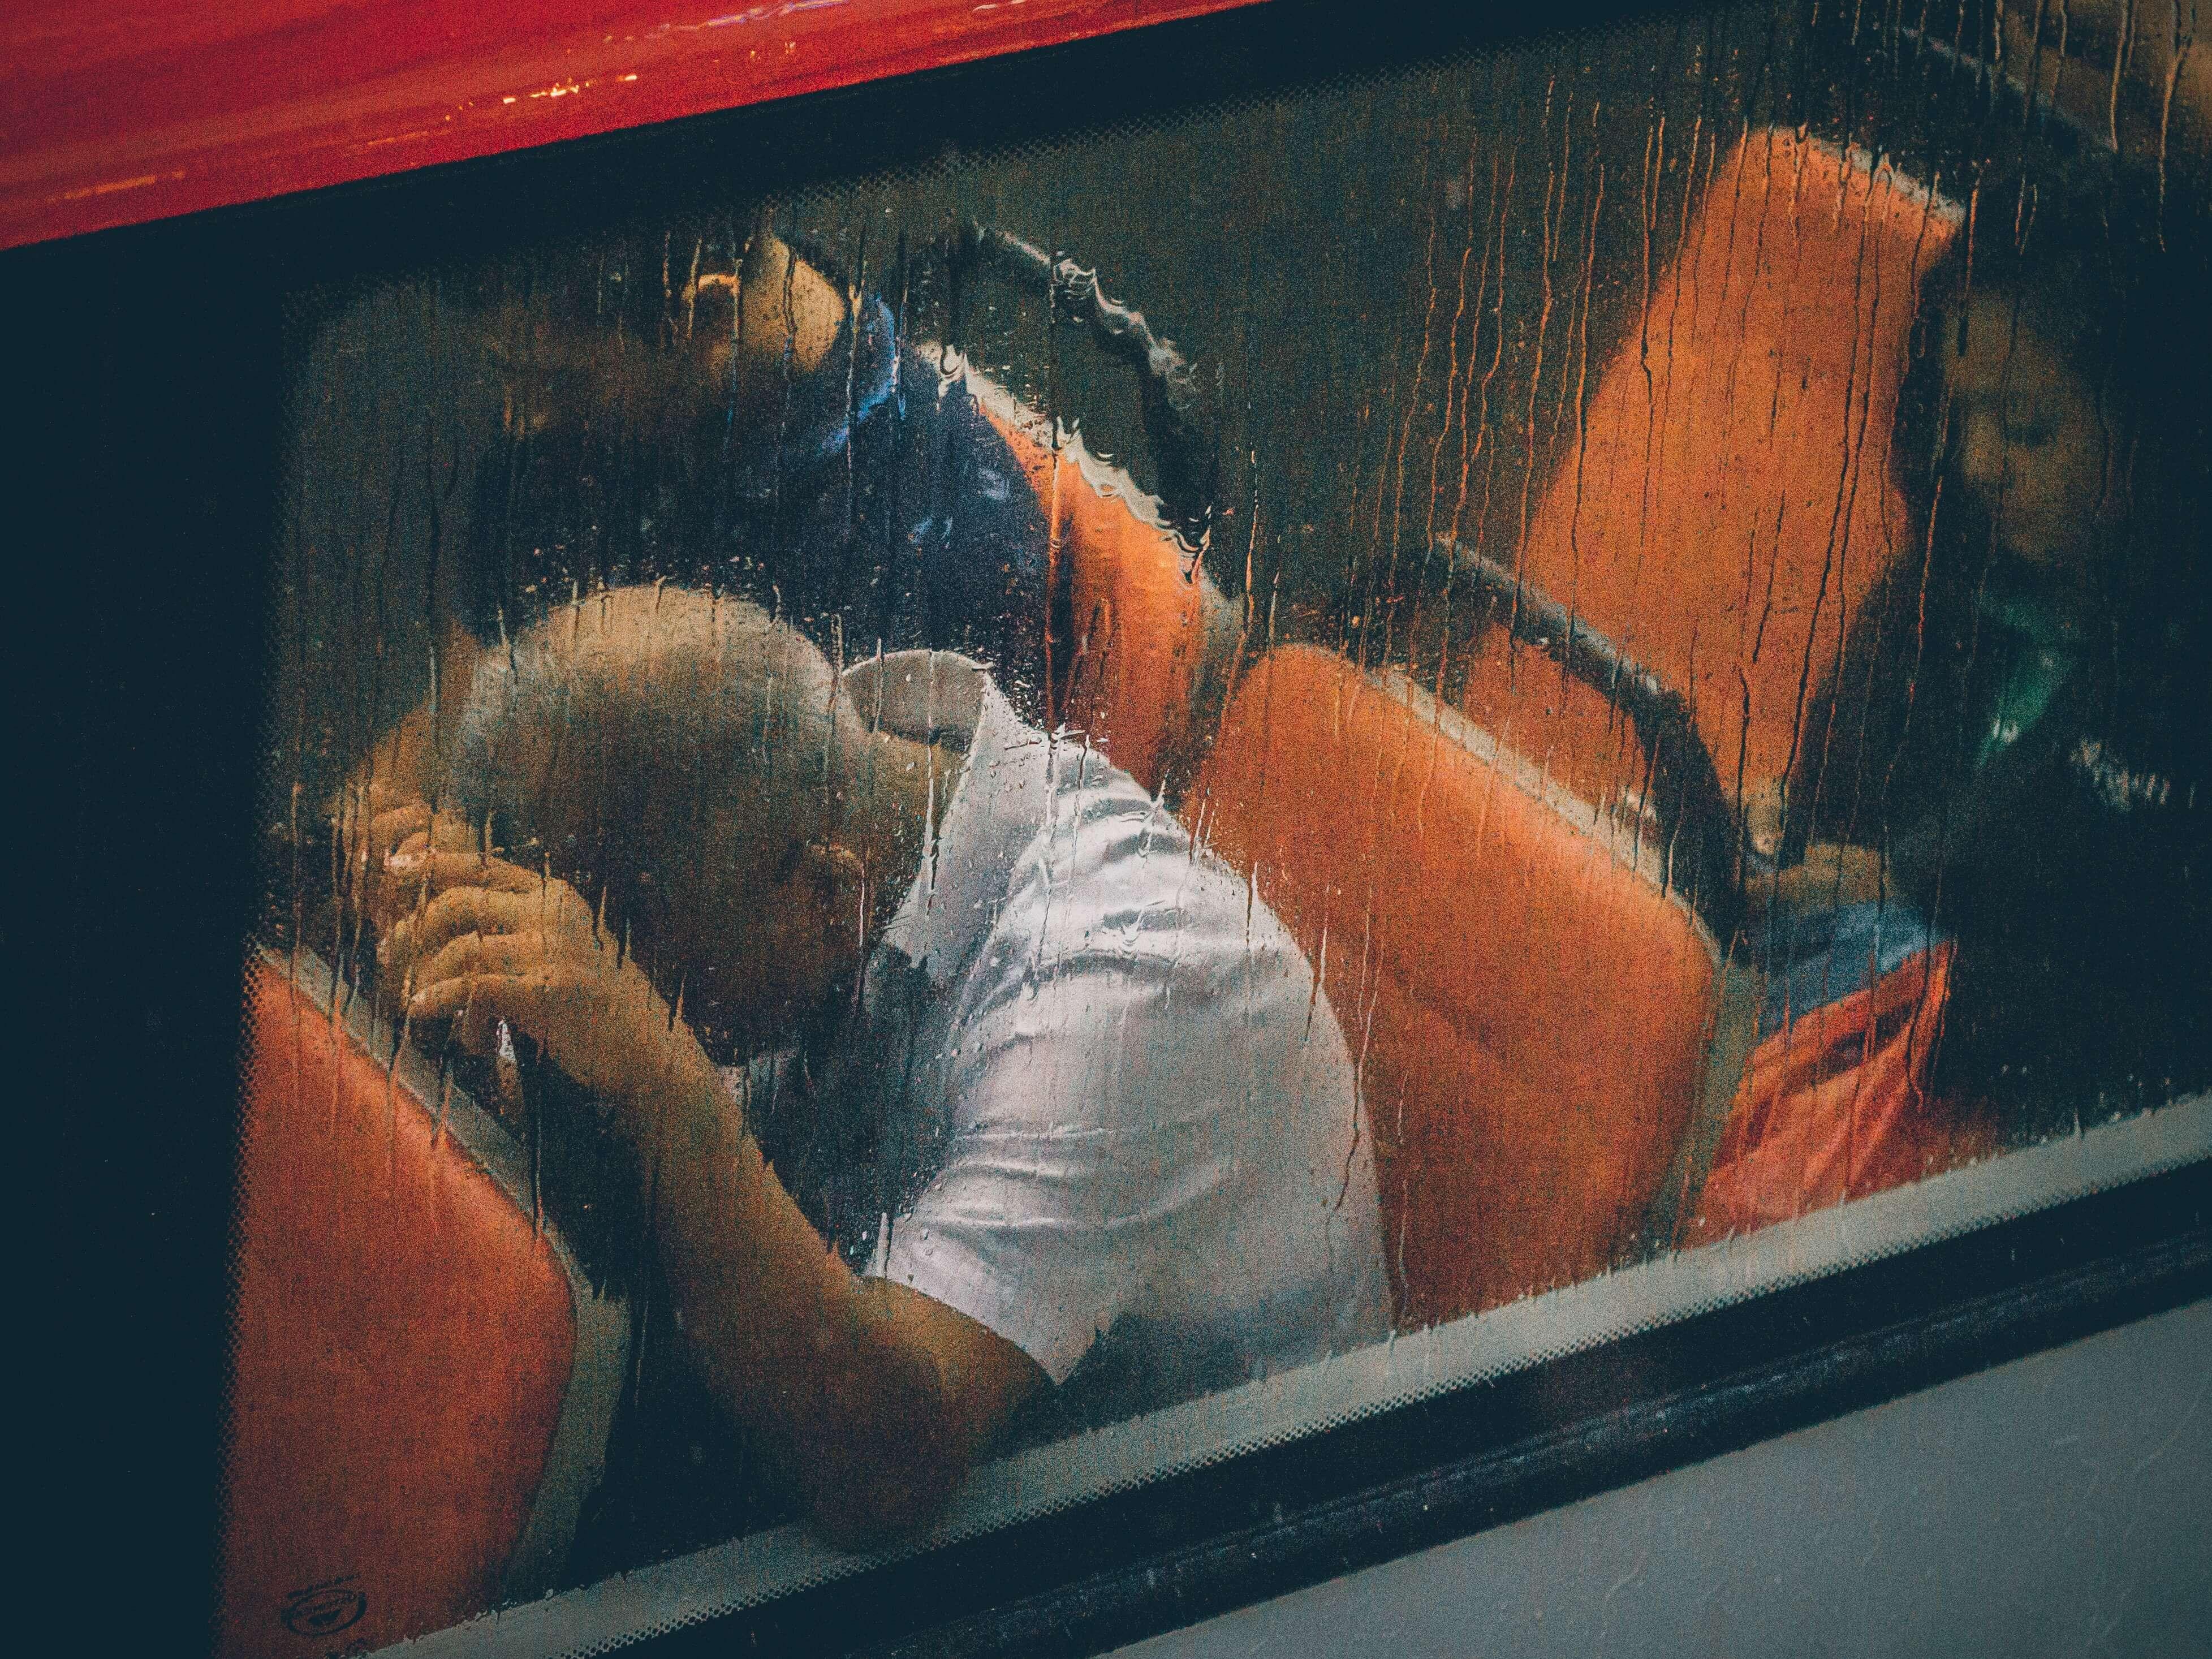 homme stressé dans un autobus